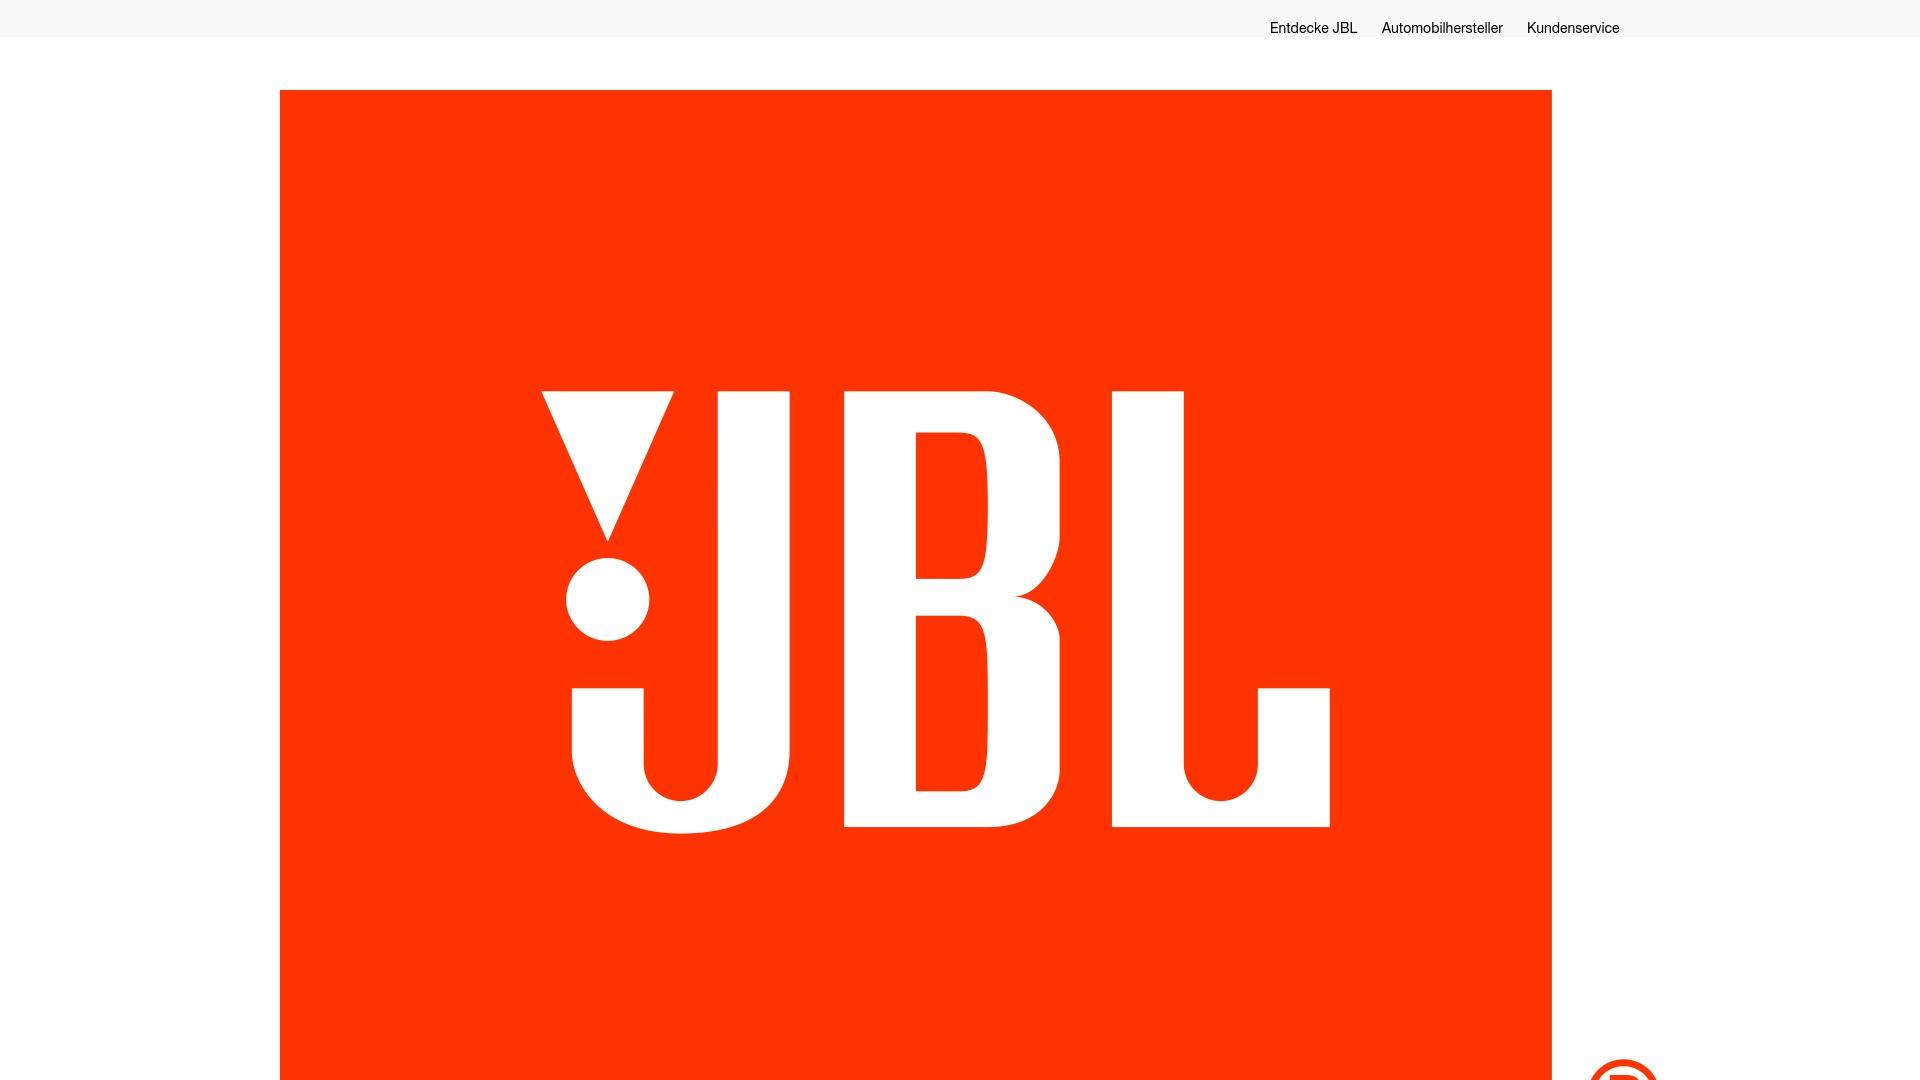 Geld zurück bei Jbl: Jetzt im Oktober 2021 Cashback für Jbl sichern